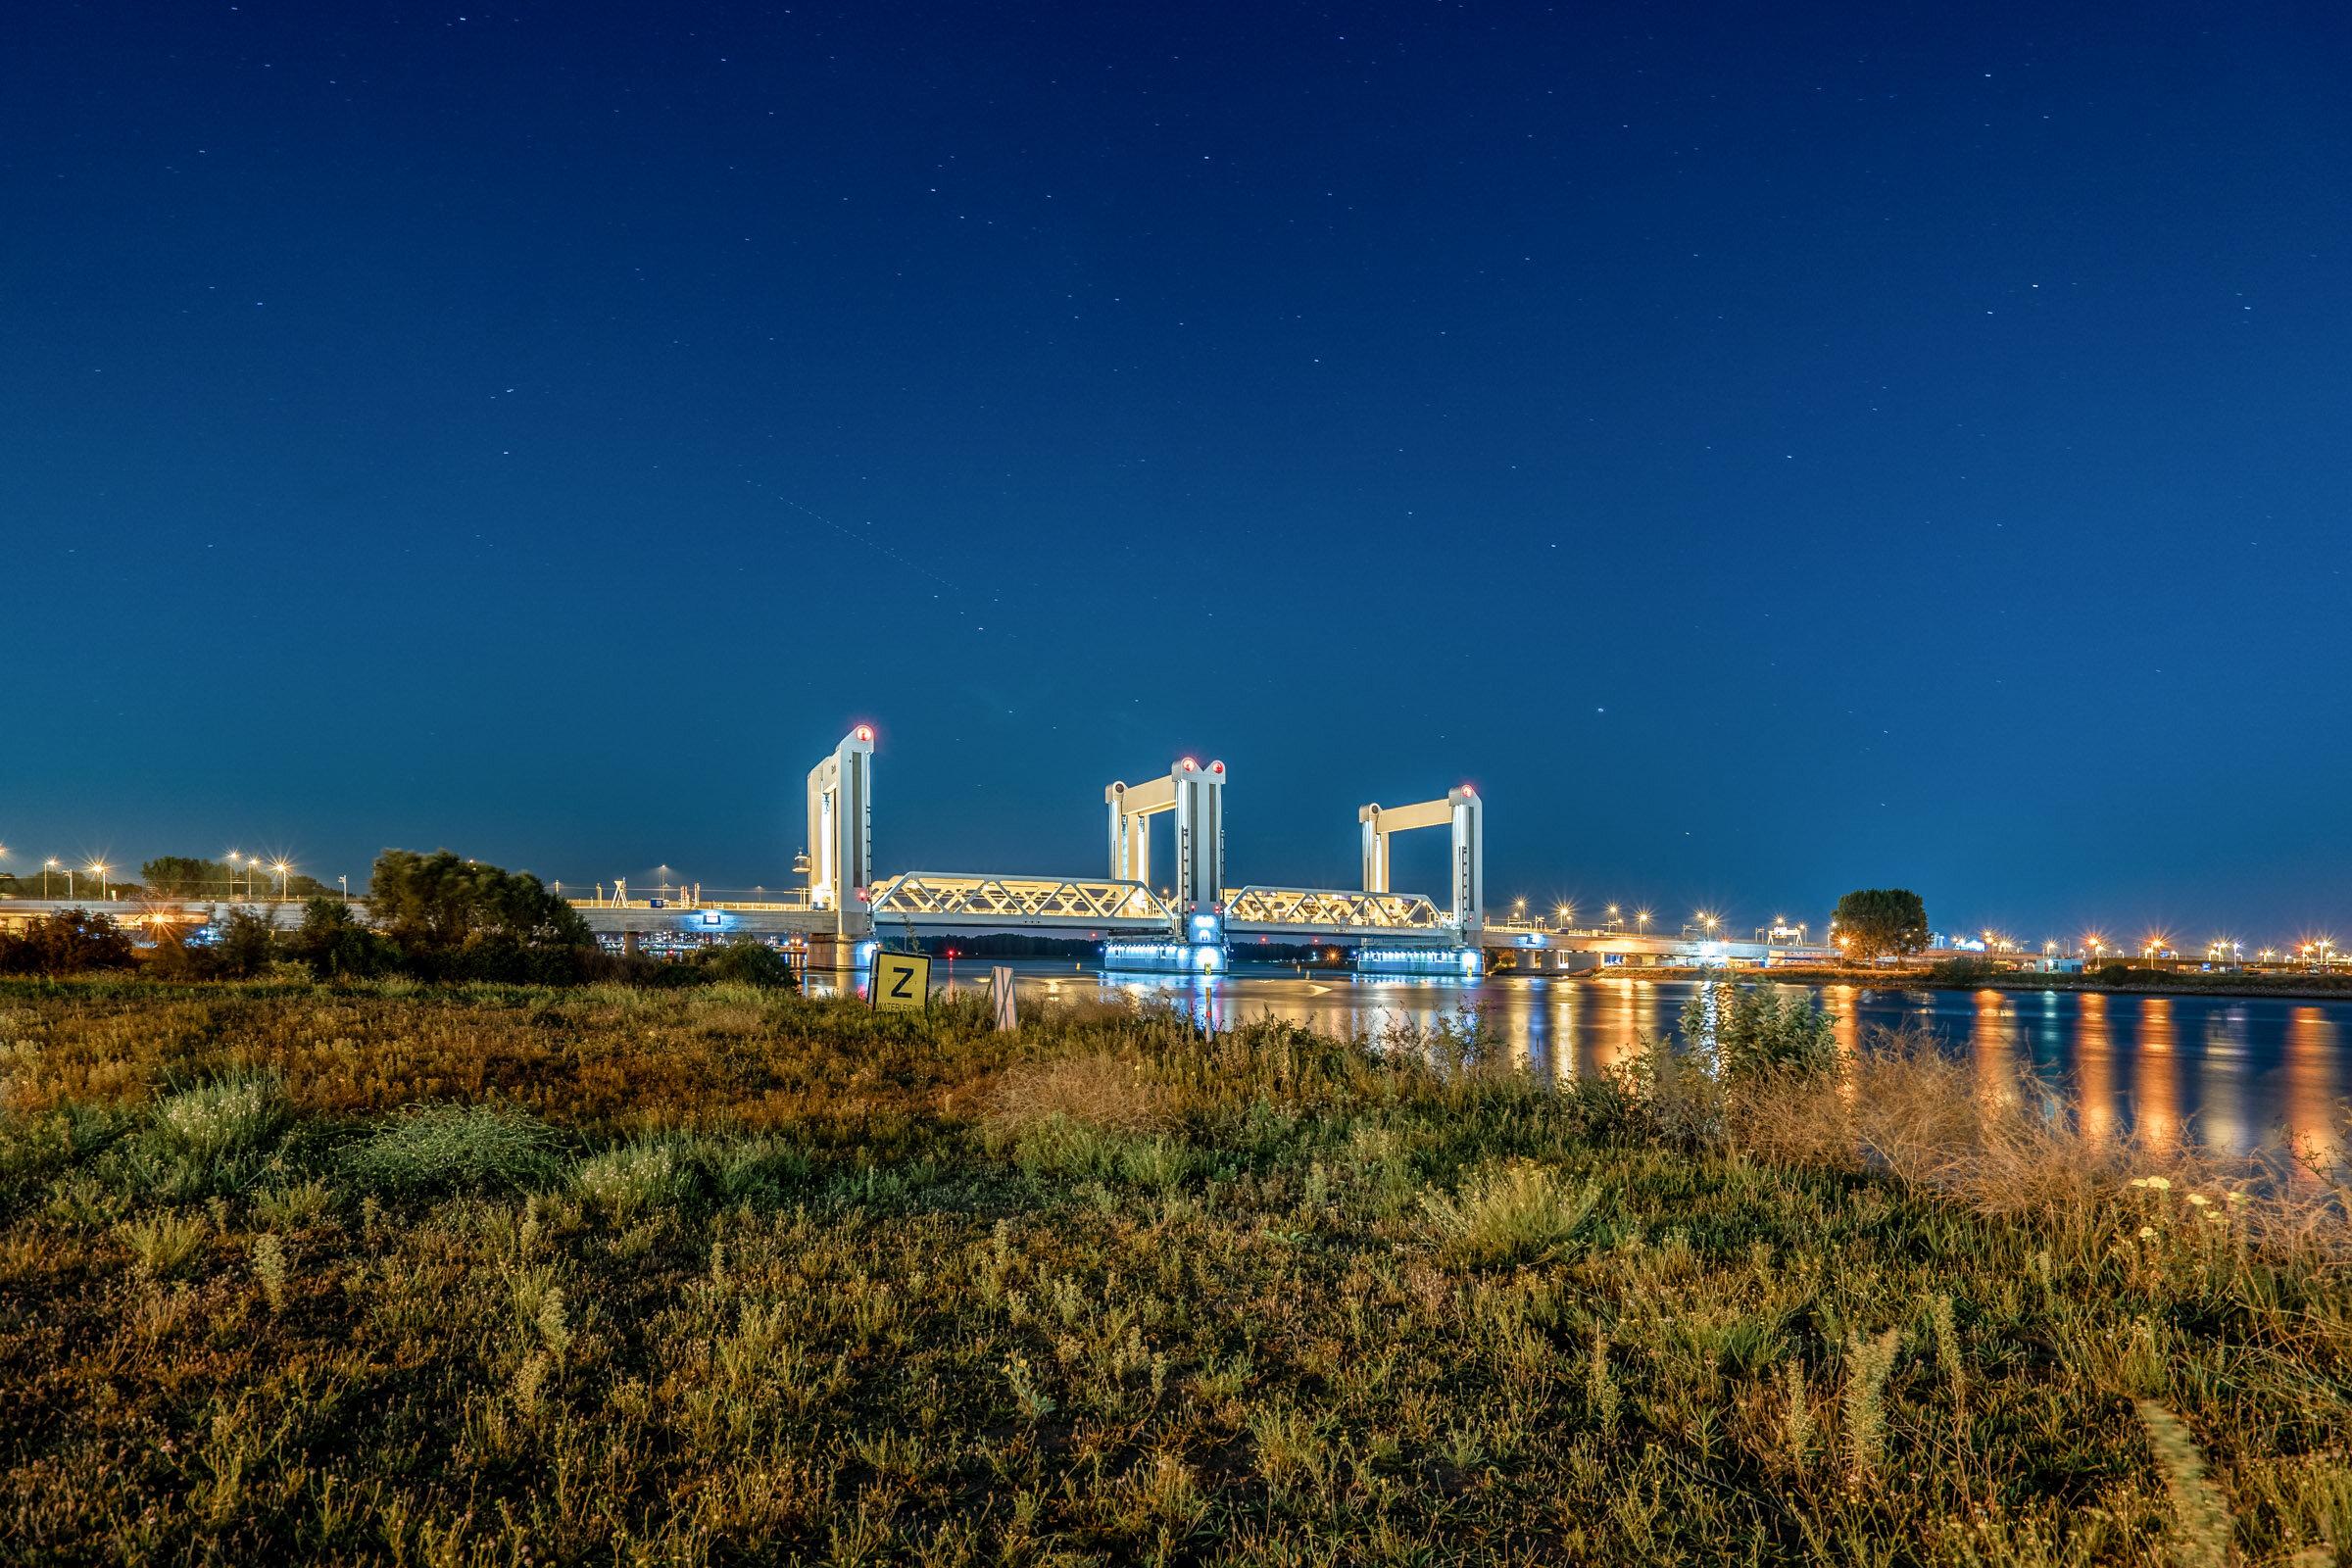 De Botlekbrug in Rotterdam bij nacht